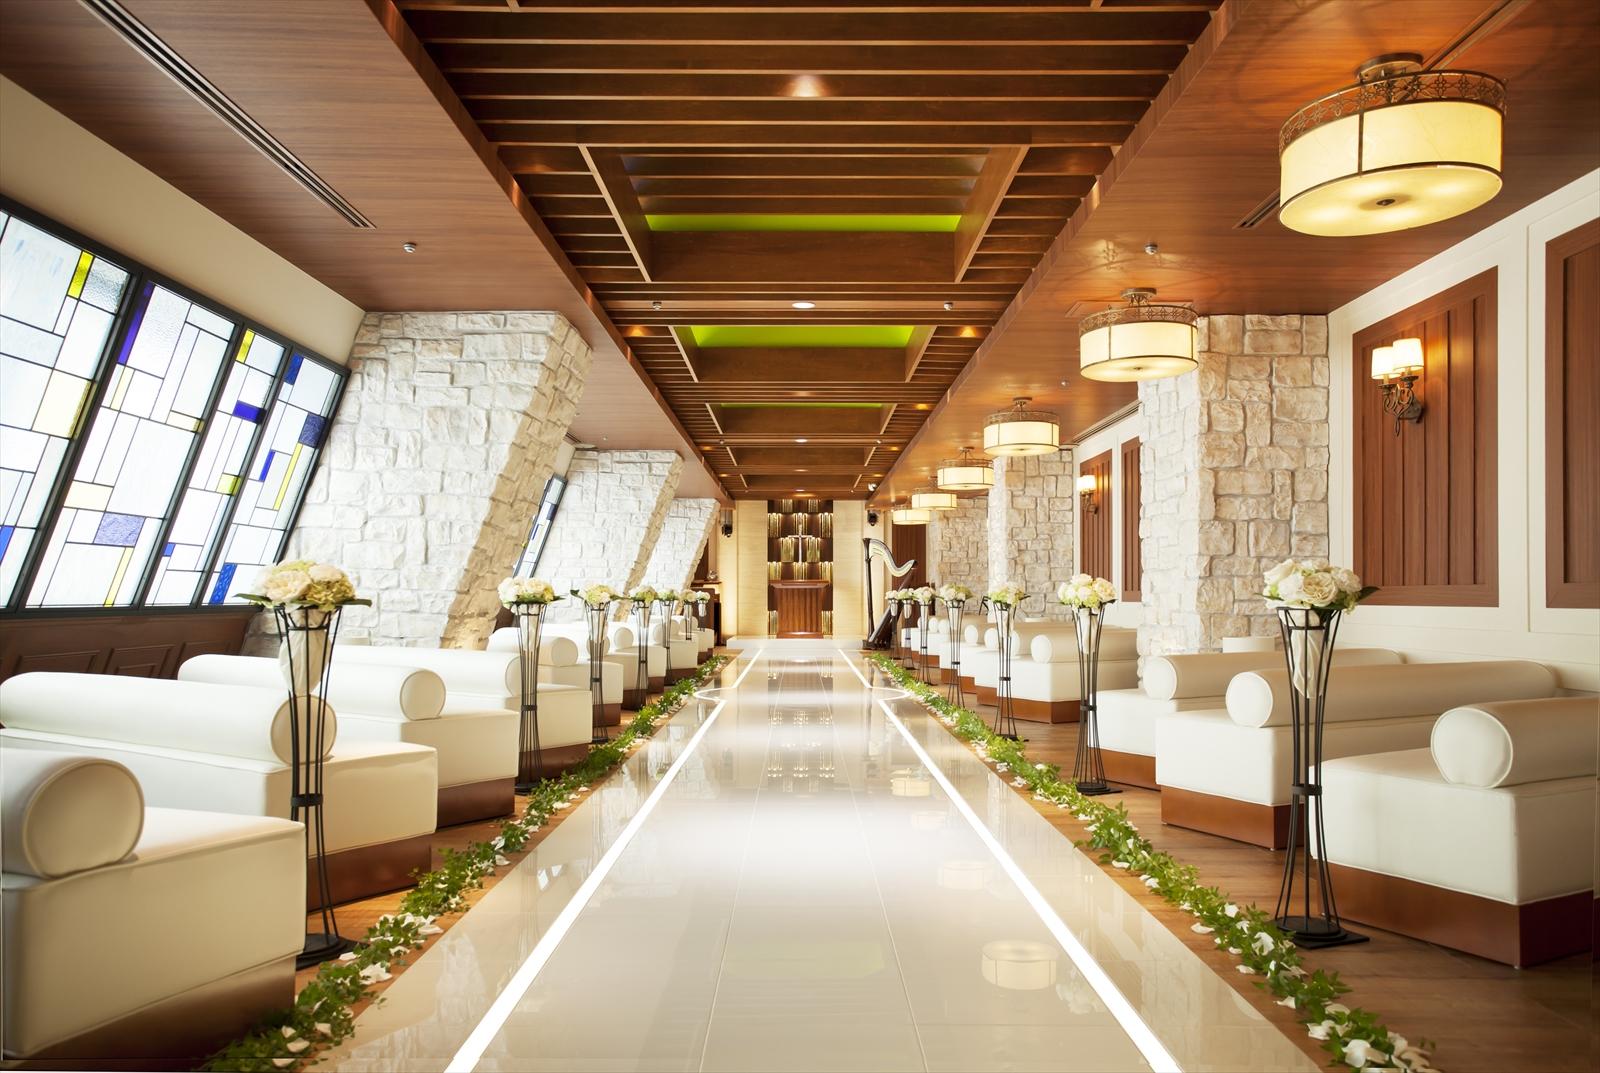 ホテル日航大阪 格安結婚式なら楽婚